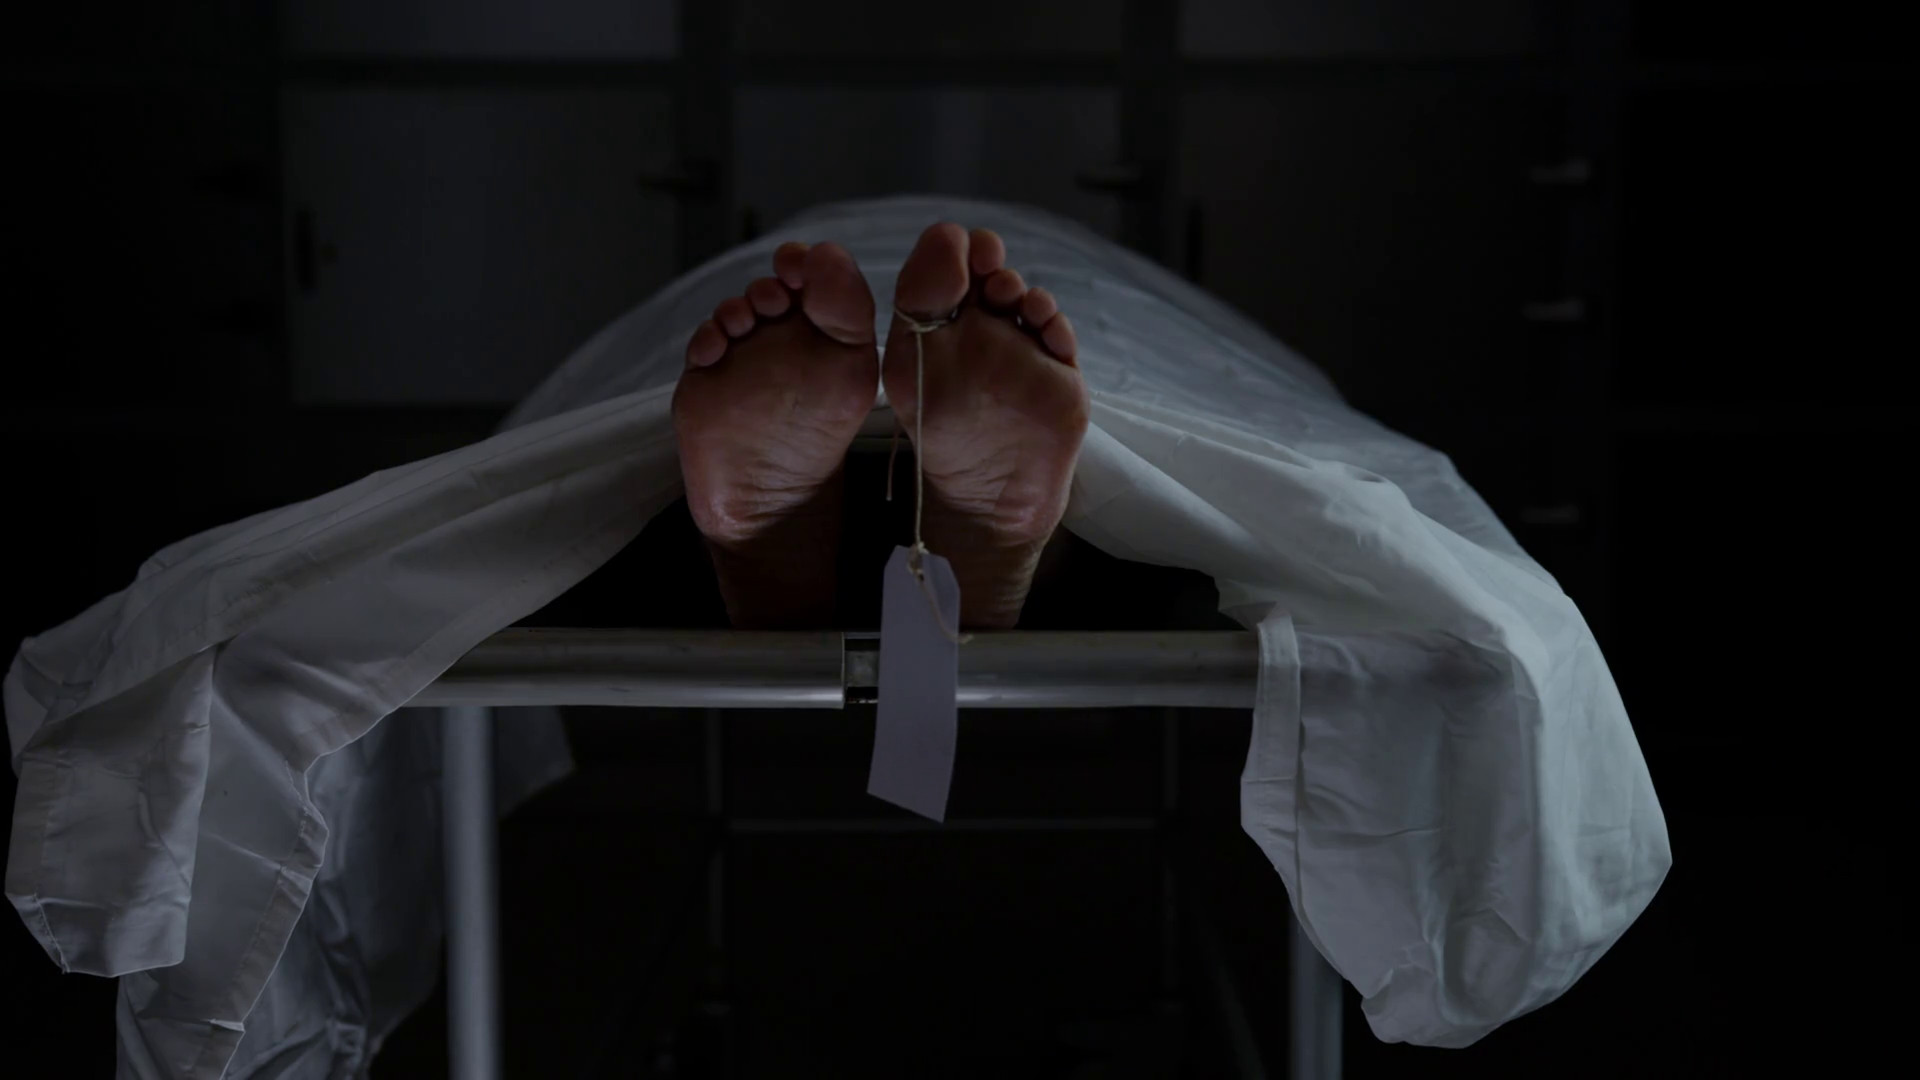 Минстрой планирует запретить медучреждениям заниматься похоронным бизнесом